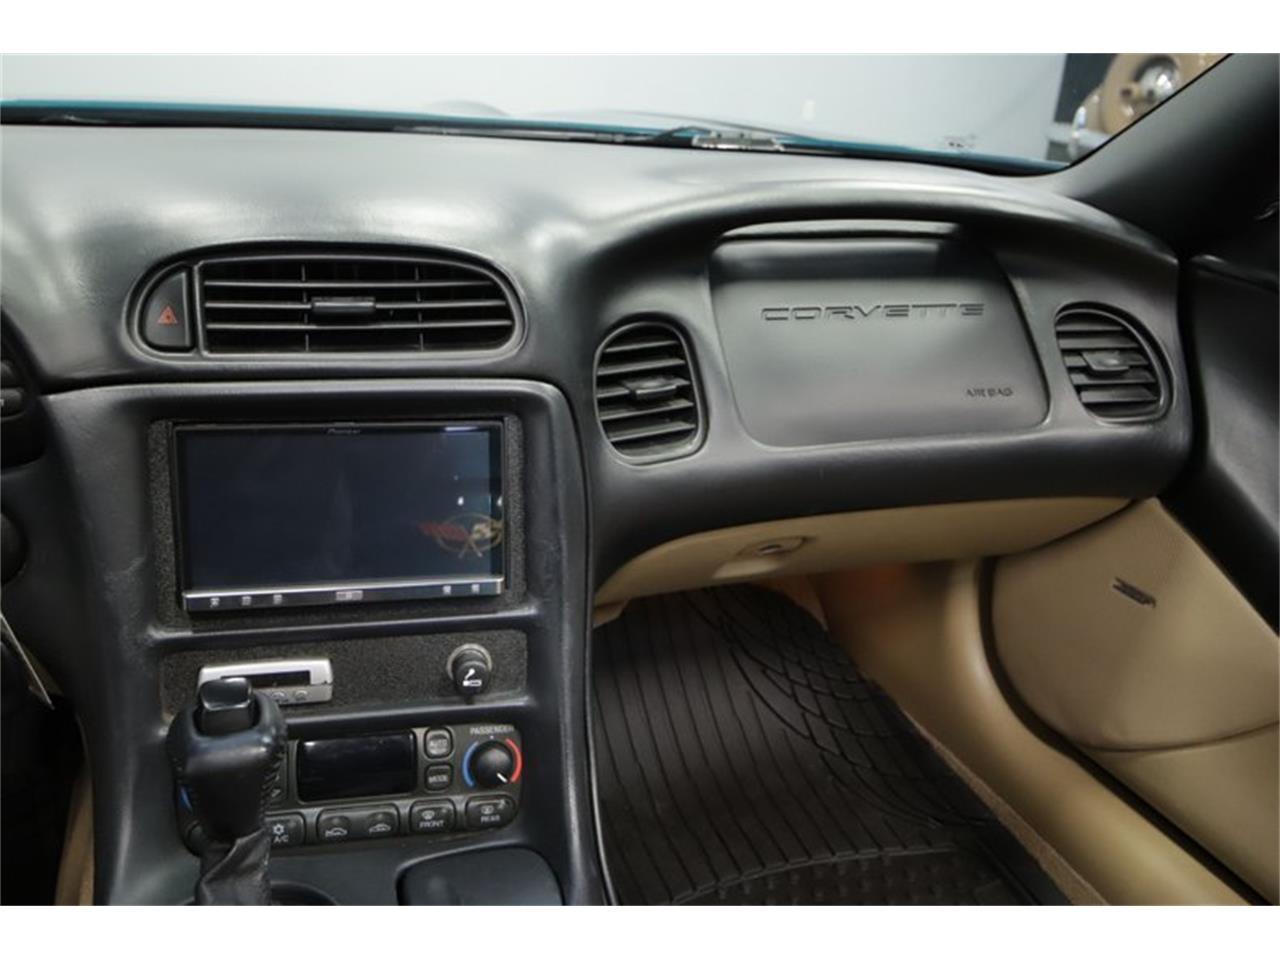 2001 Chevrolet Corvette (CC-1311822) for sale in Mesa, Arizona